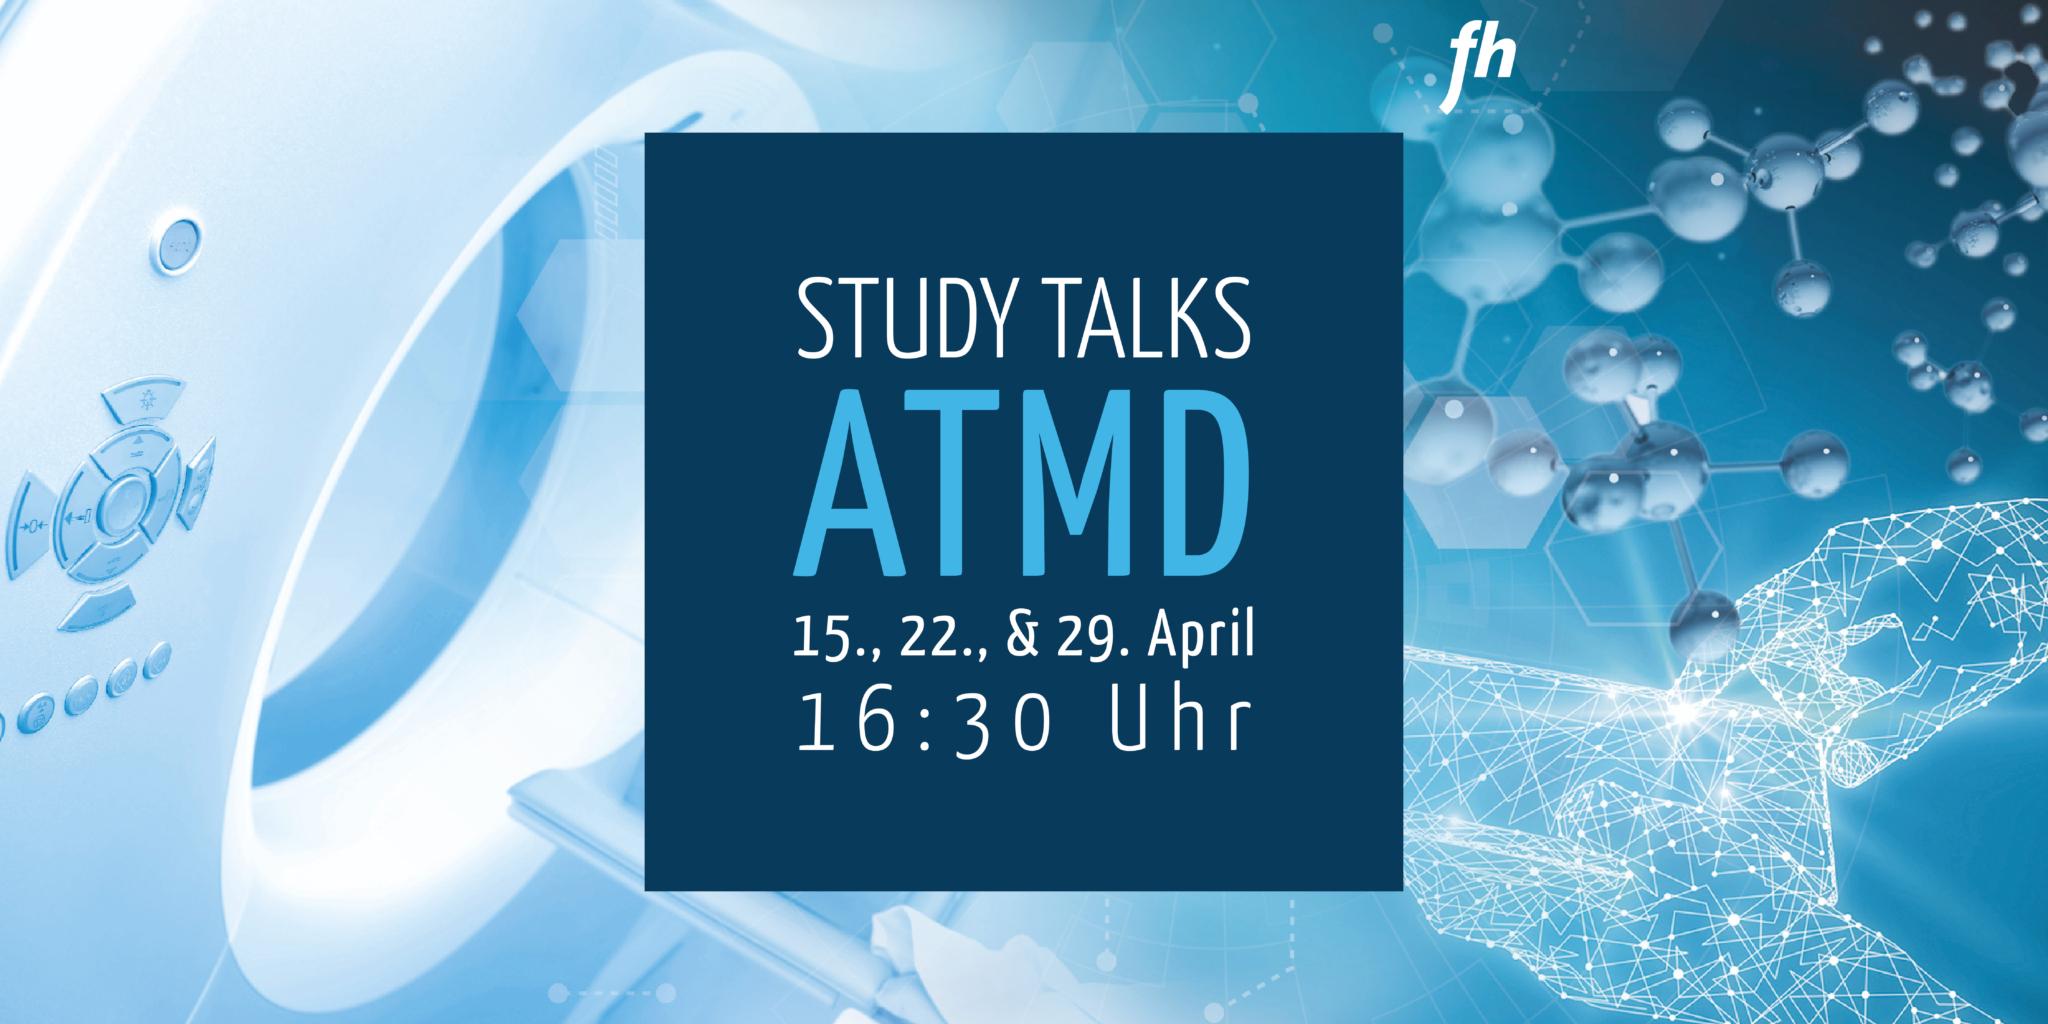 Online Study Talks zum Masterstudium ATMD am 15., 22., und 29. April 2021 jeweils um 16:30 Uhr